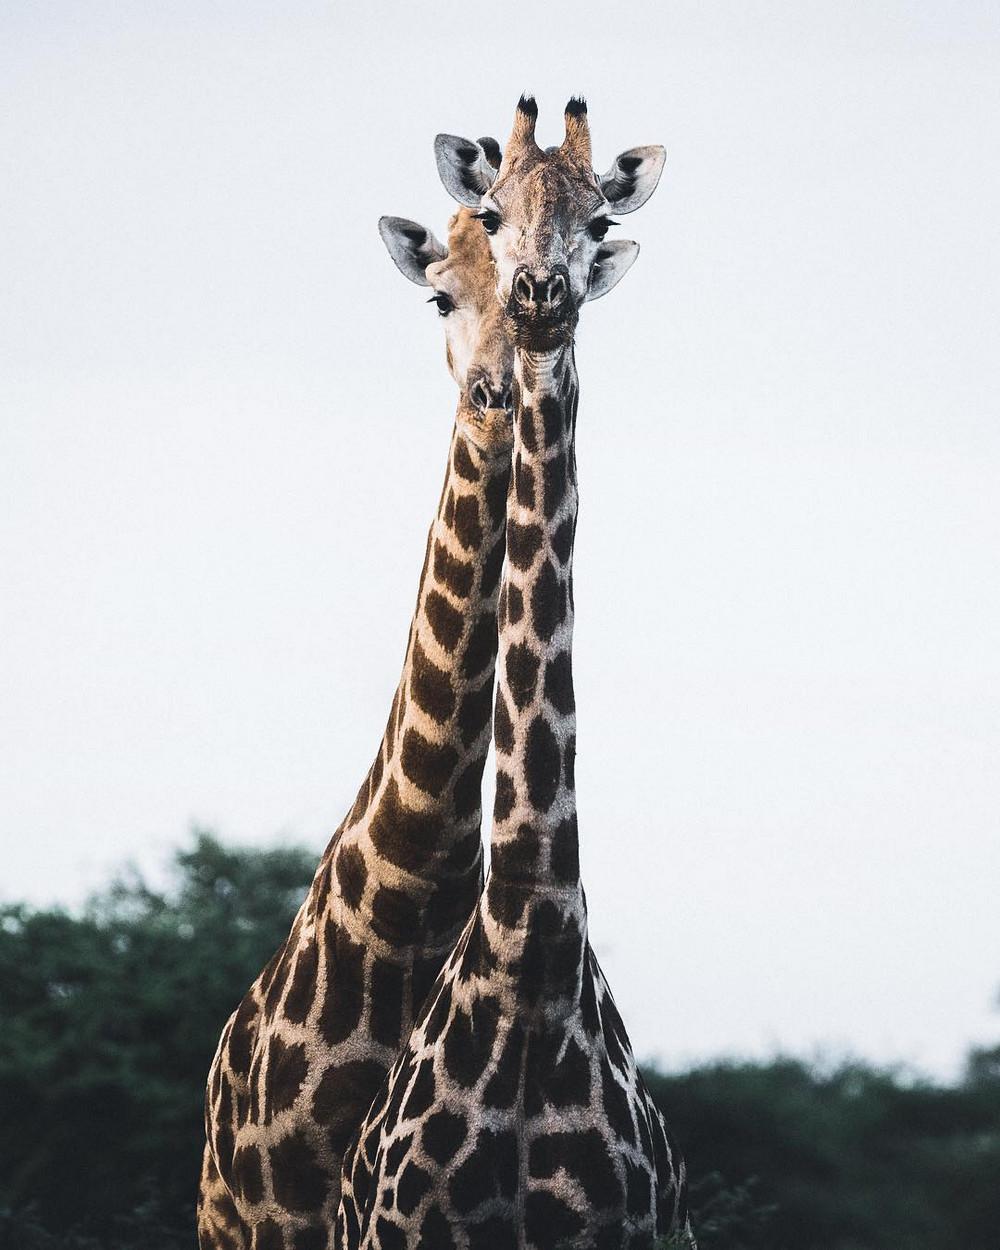 Дикая природа и животные на снимках Донала Бойда Донал, Исландии, природы, Бостоне, сохранению, работы, Донала, животных, также, диких, время, фотографии, хочет, поселился, многие, понял, друзьями, исследует, природой, связь